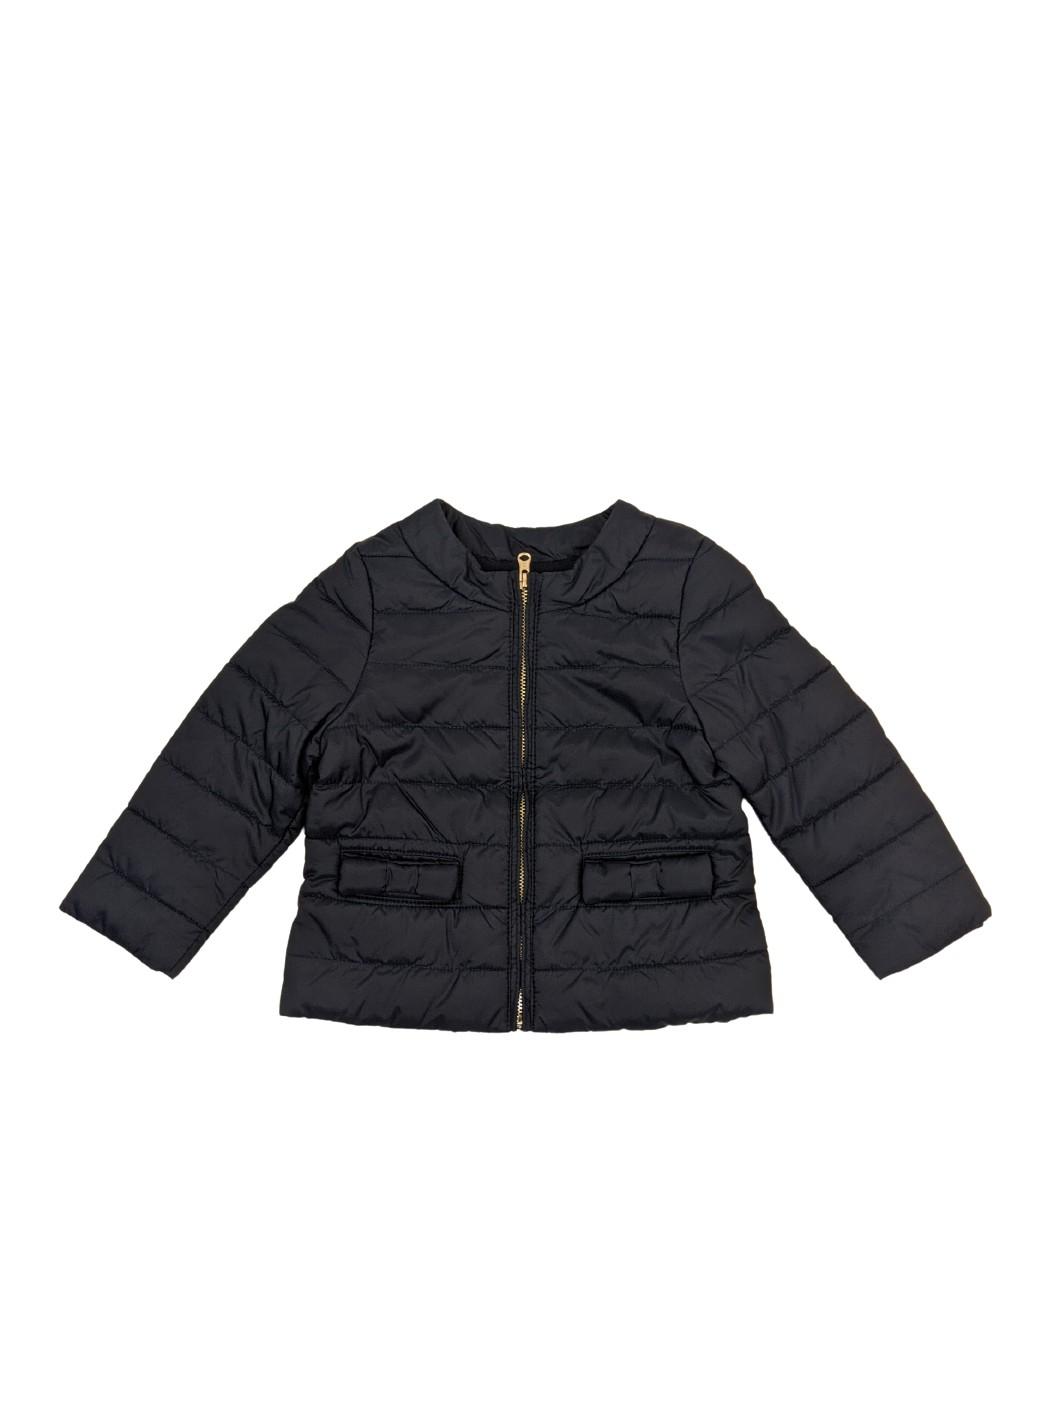 Manteau leger mi-saison 1